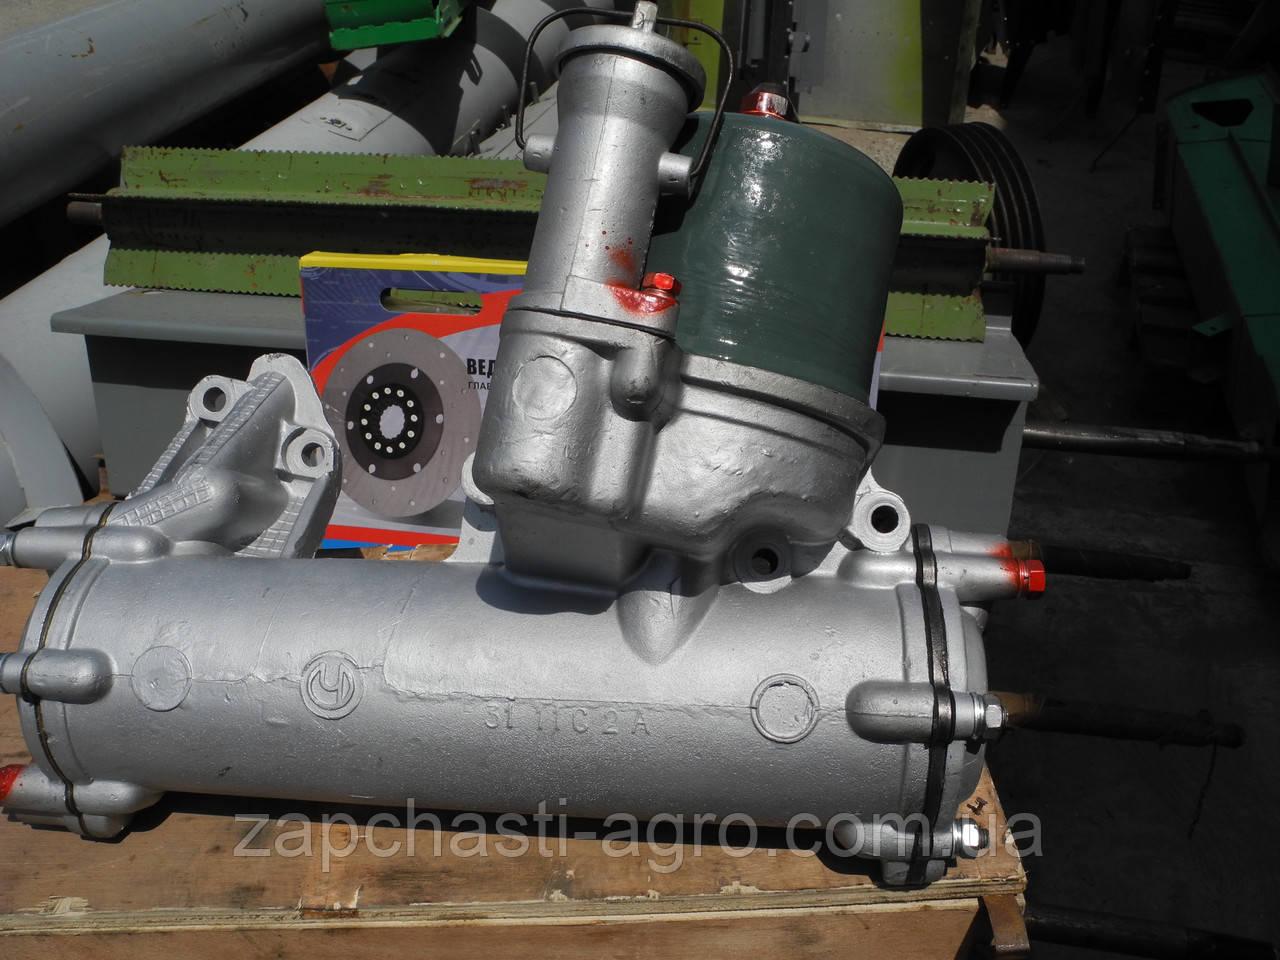 Теплообменник дон цена Кожухотрубный конденсатор WTK CF 1230 Дзержинск